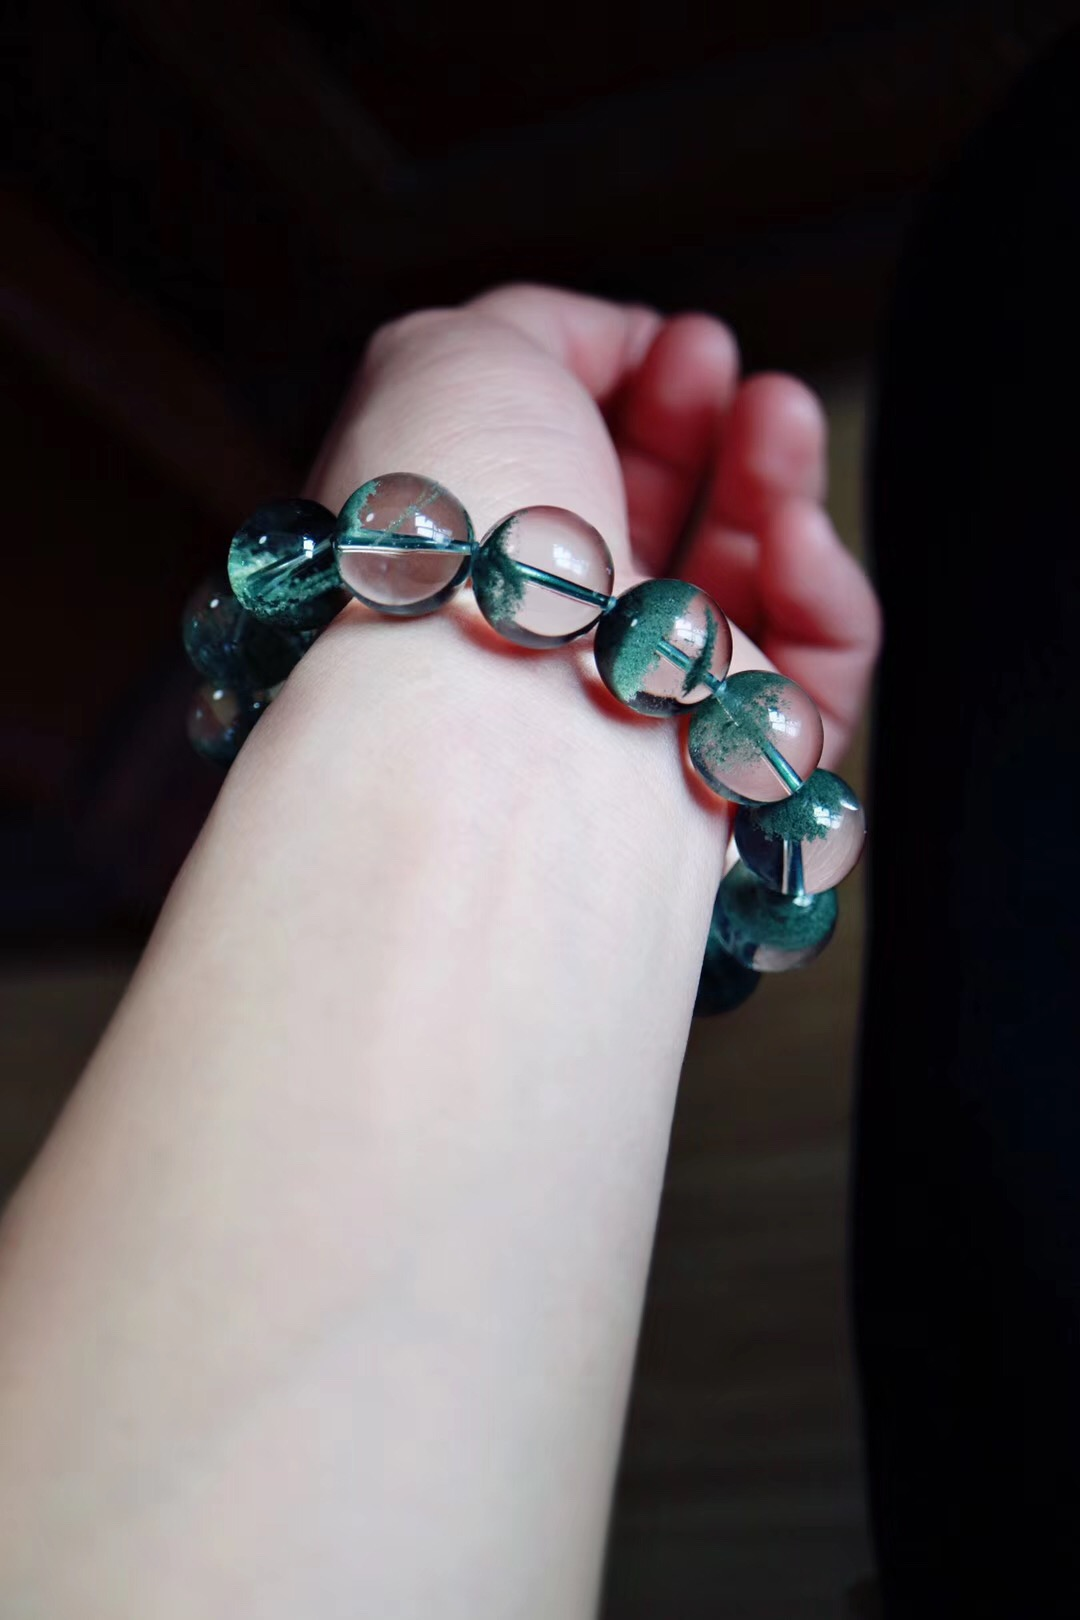 【菩心绿幽灵】这一抹绿代表着对心轮深深的疗愈-菩心晶舍